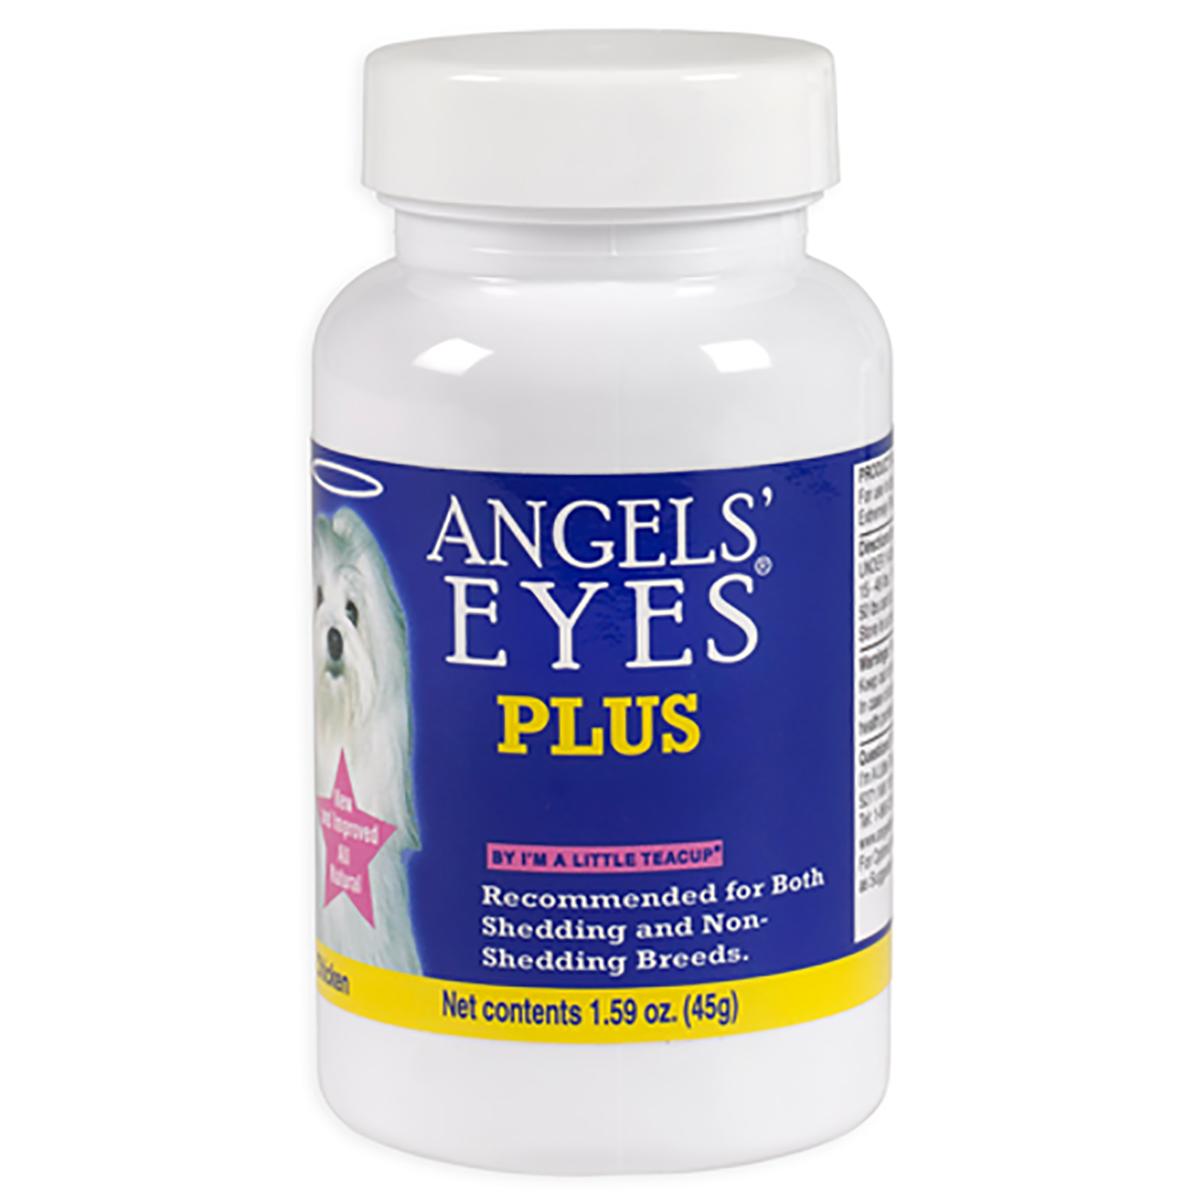 Angels' Eyes Plus - Chicken